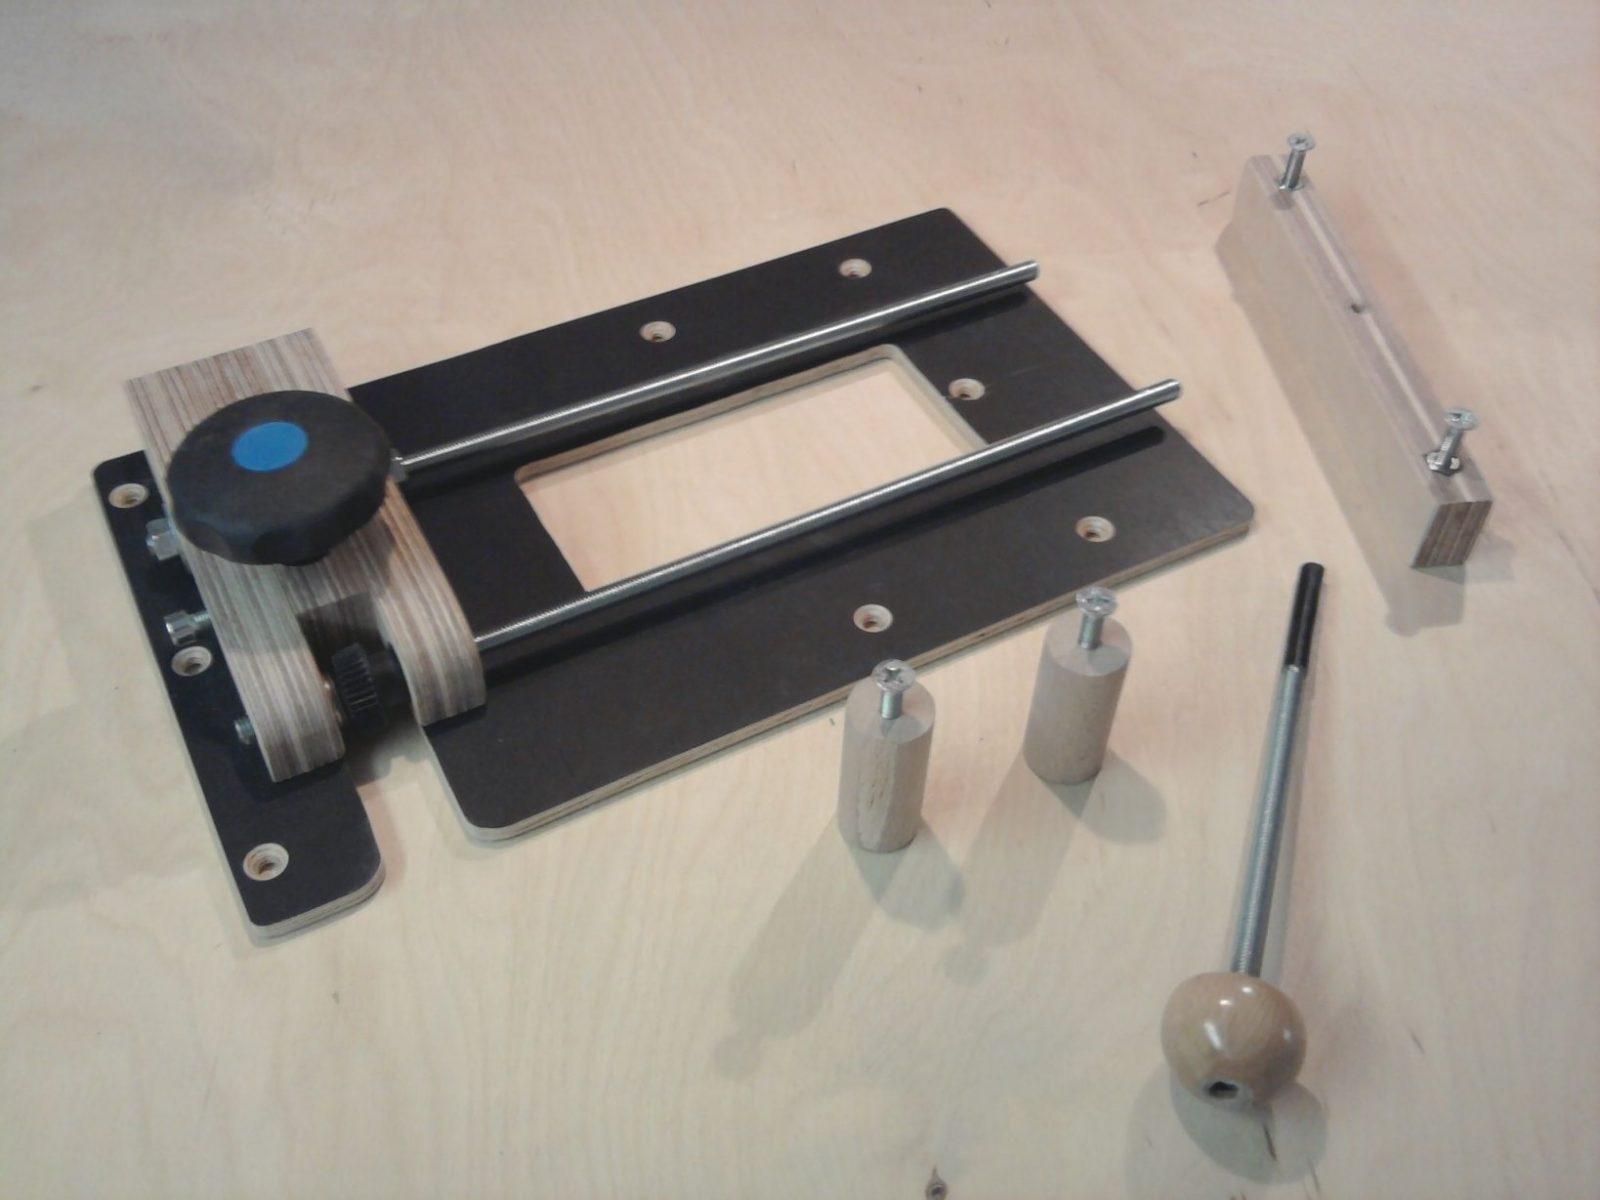 Adapterplatte Für Die Oberfräse Bauanleitung Zum Selber  Holz von Oberfräse Zubehör Selber Bauen Bild